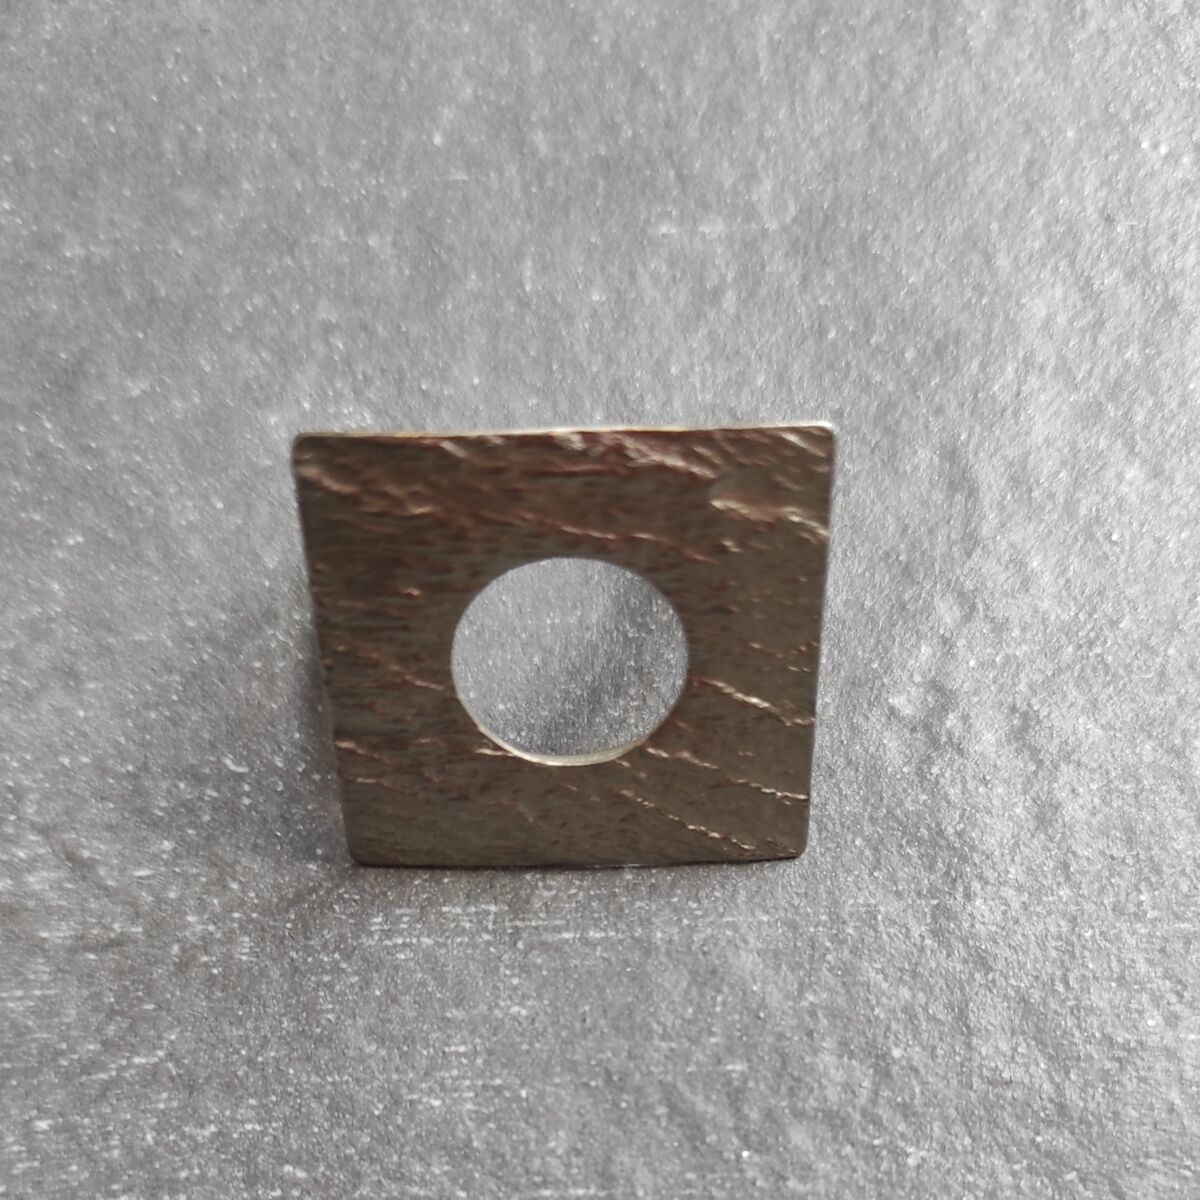 Τετράγωνο δαχτυλίδι Αξεσουάρ Ρούχα αξεσουάρ